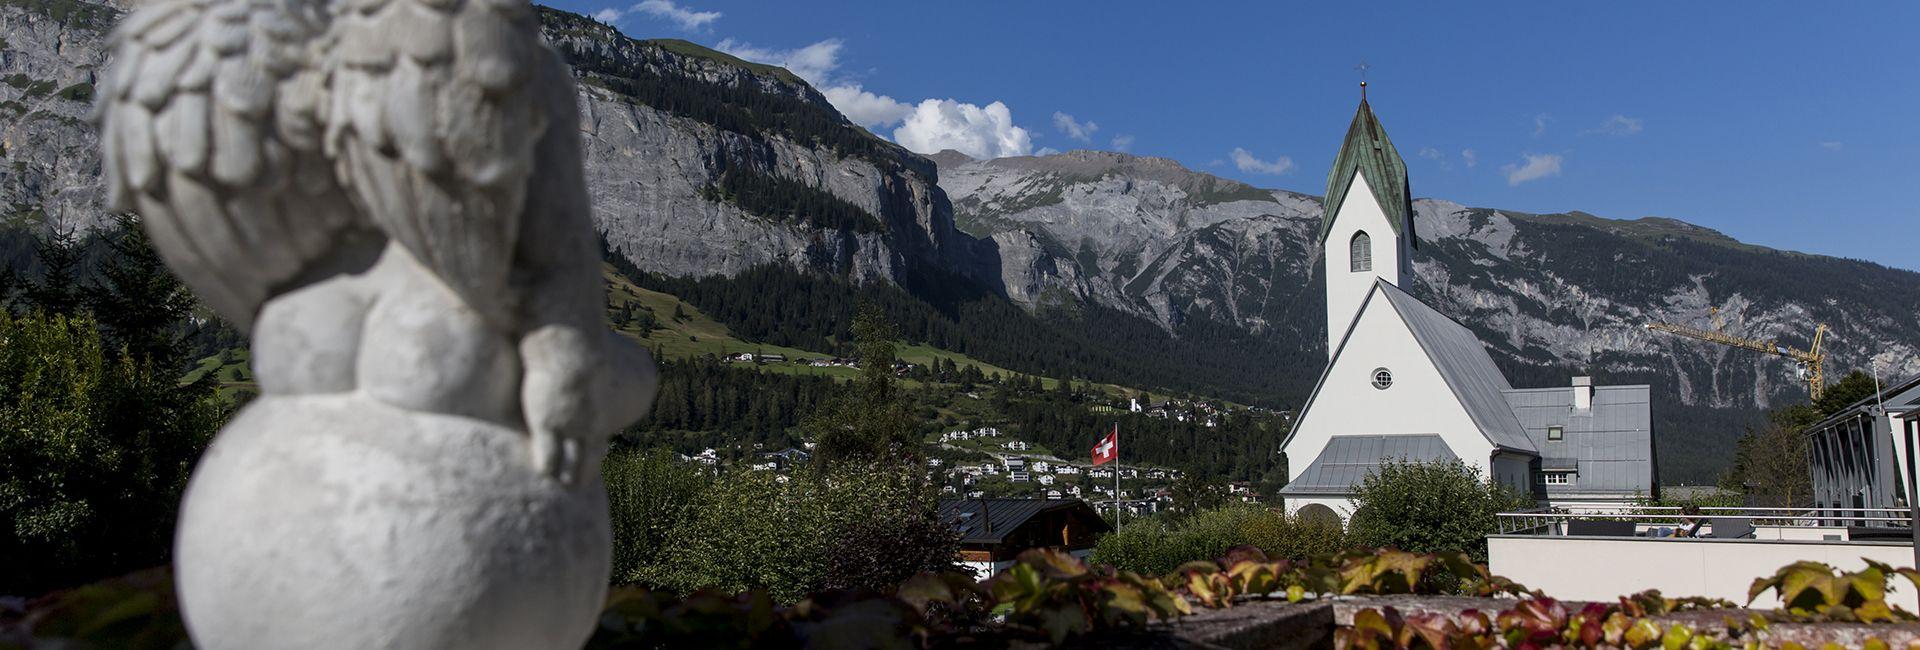 Ausblick vom Hotel in die Flimser Bergwelt